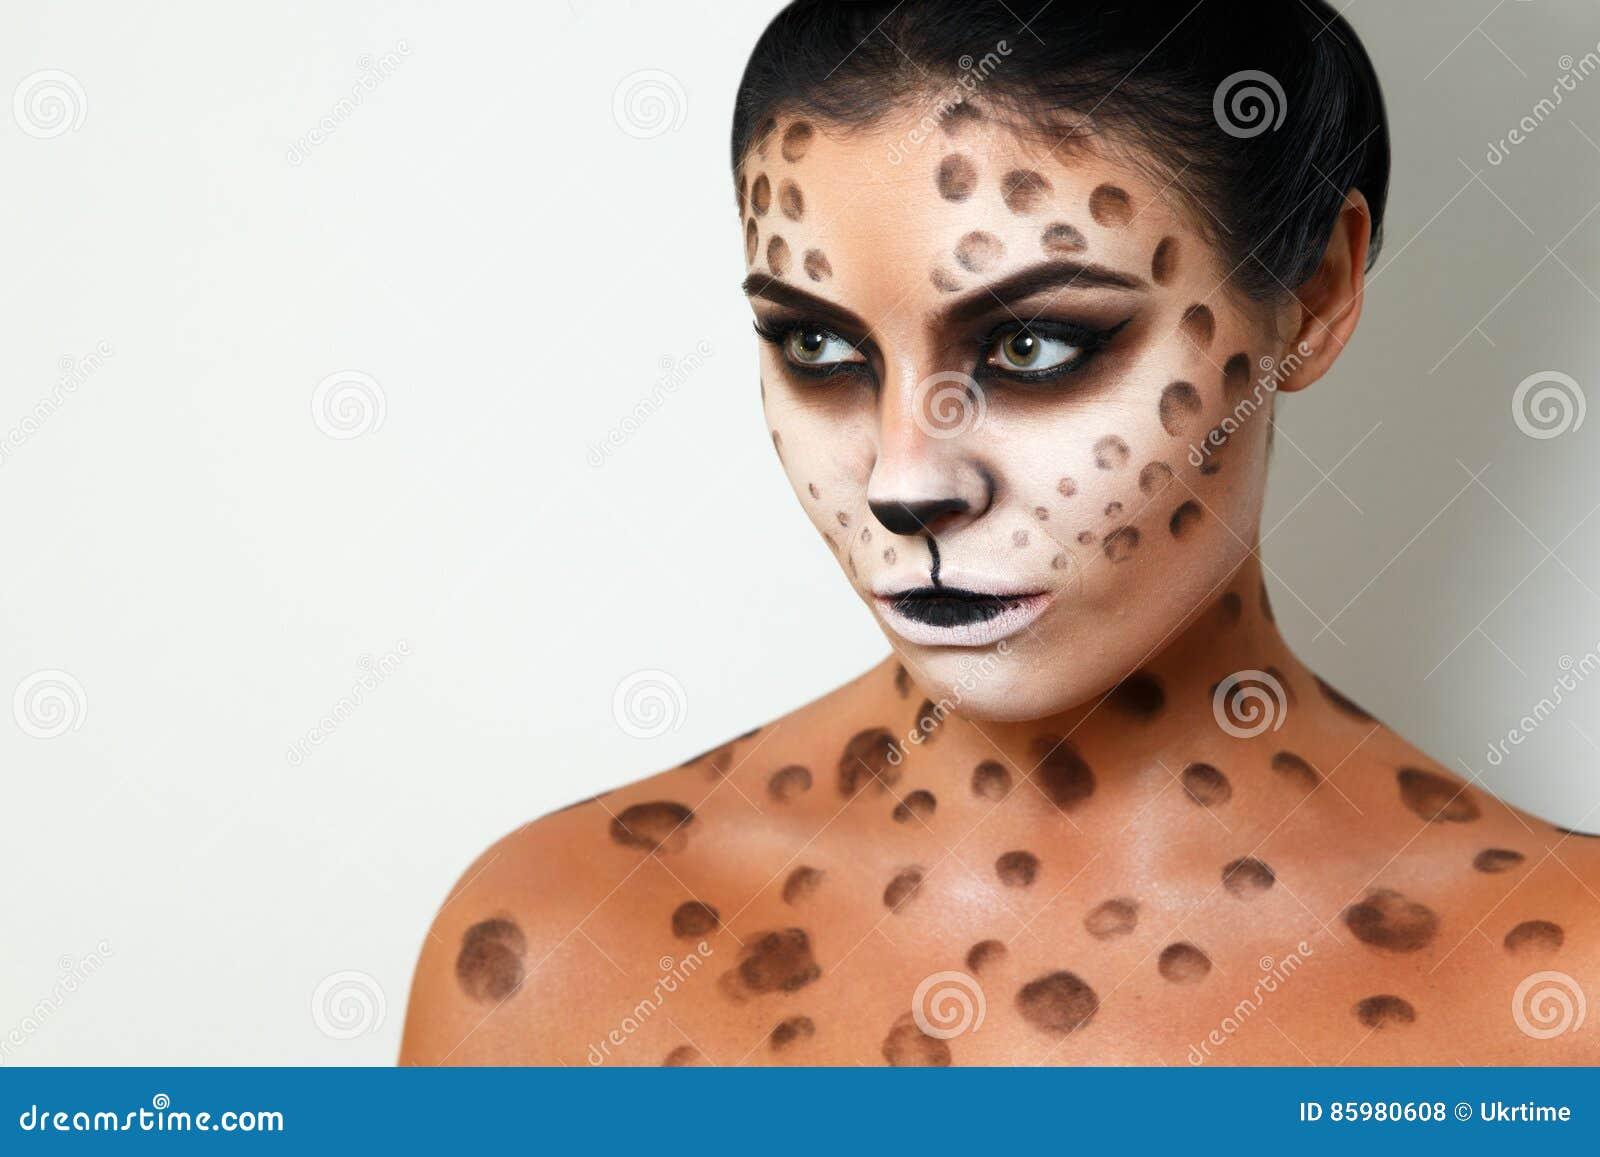 Tło białe dziewczyny portret Twarzy sztuka Ciało sztuka fryzury Czarni włosy dziki kot twarzowy profil